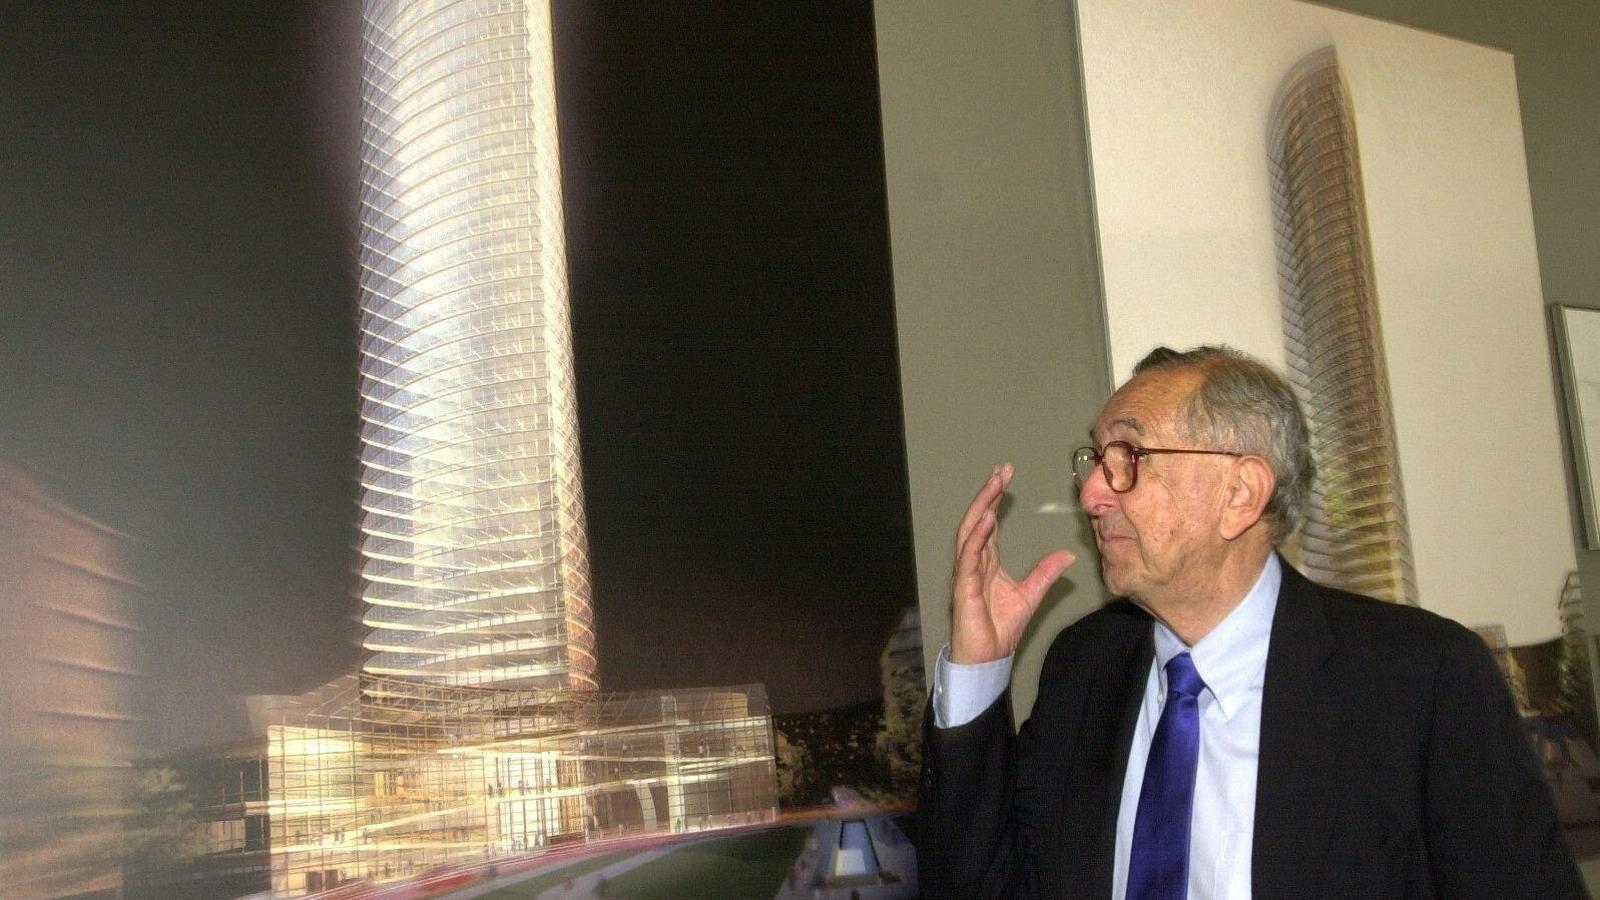 Mor l'arquitecte César Pelli, el dissenyador de les Torres Petrones